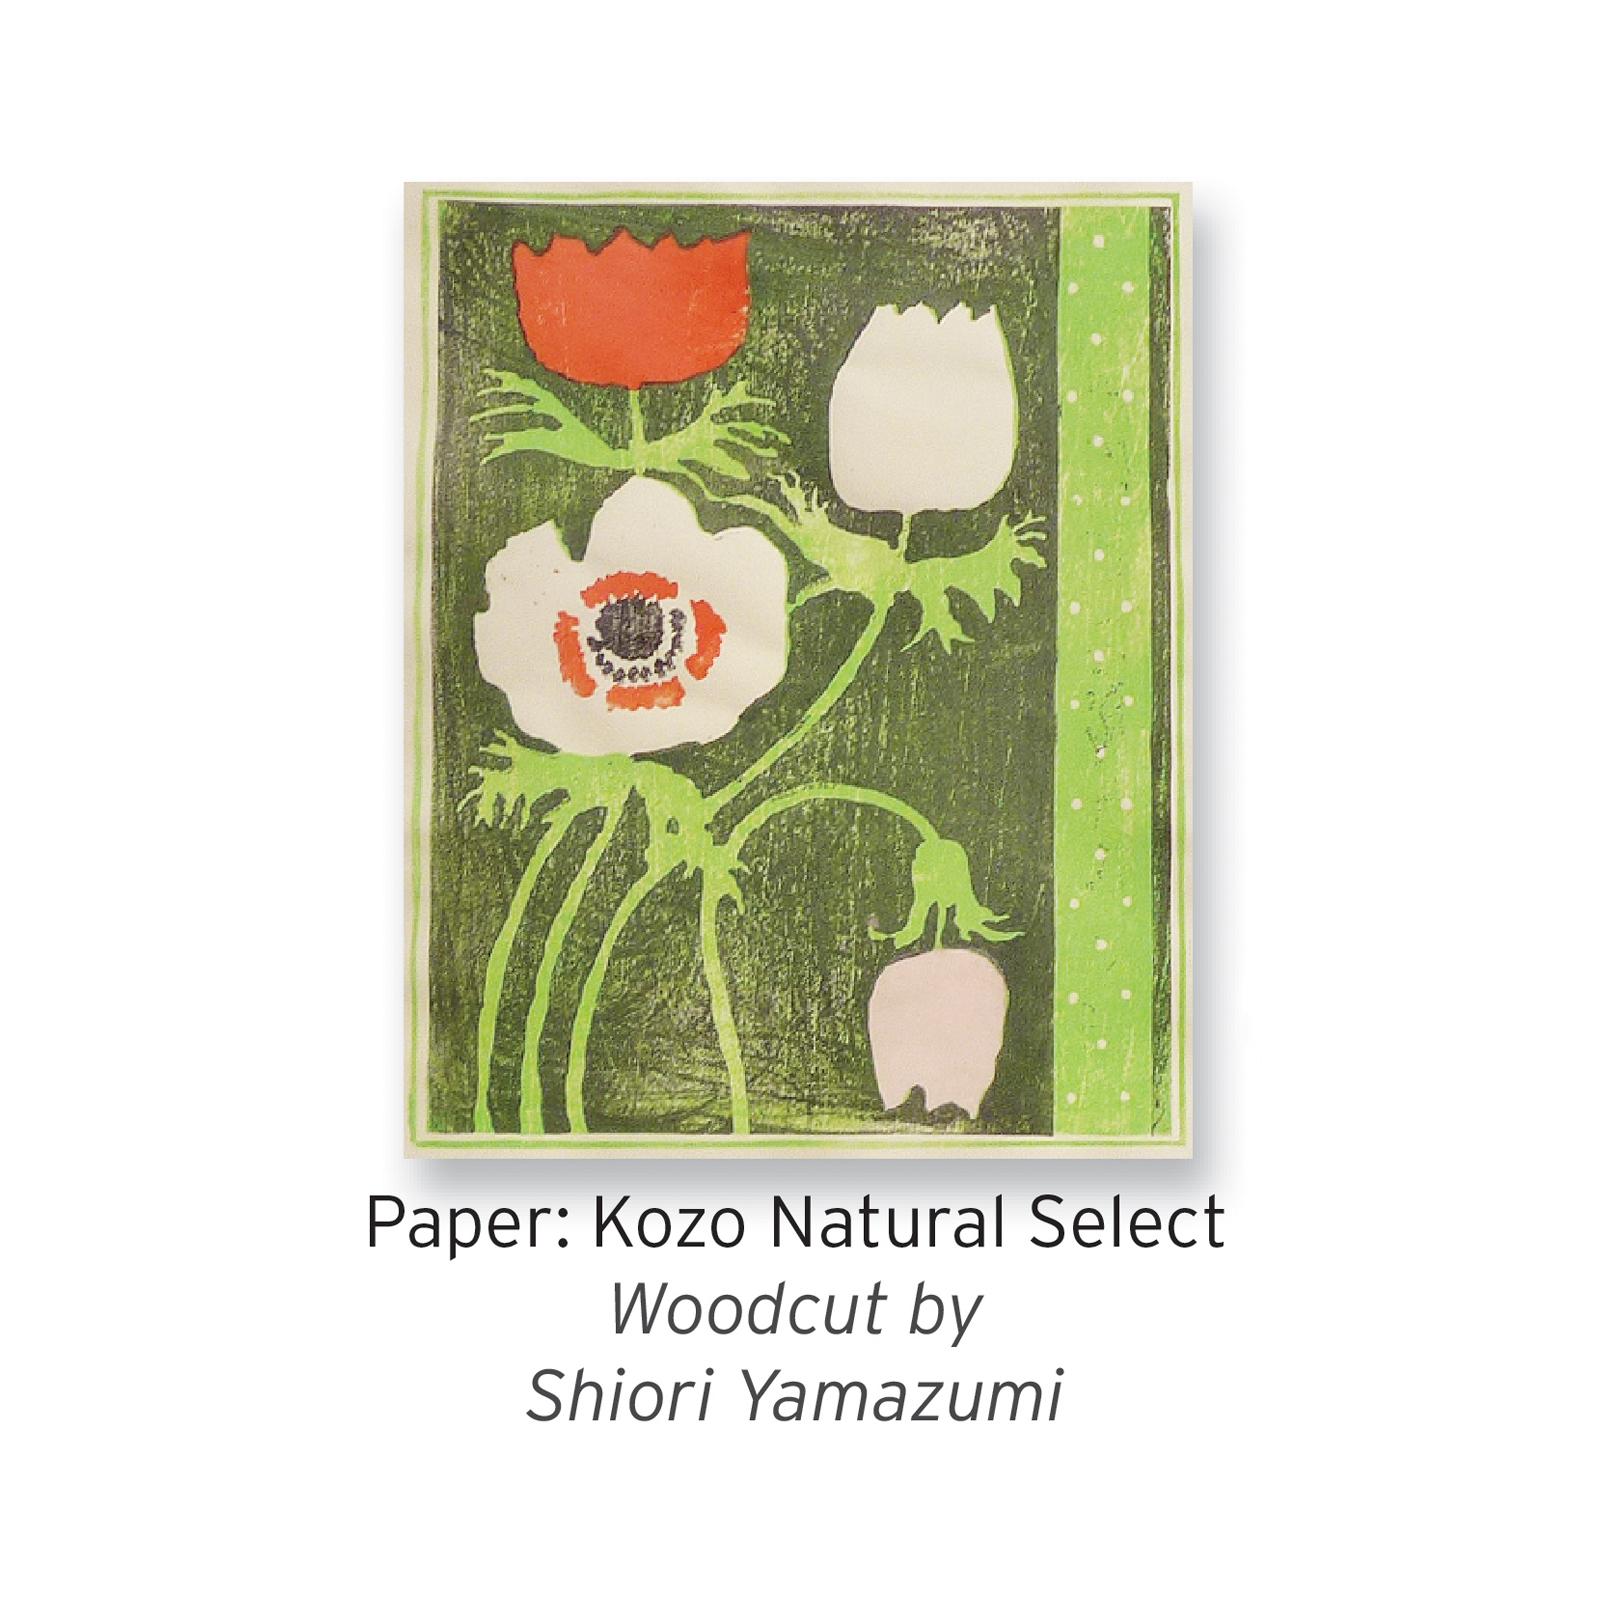 Kozo Natural Select